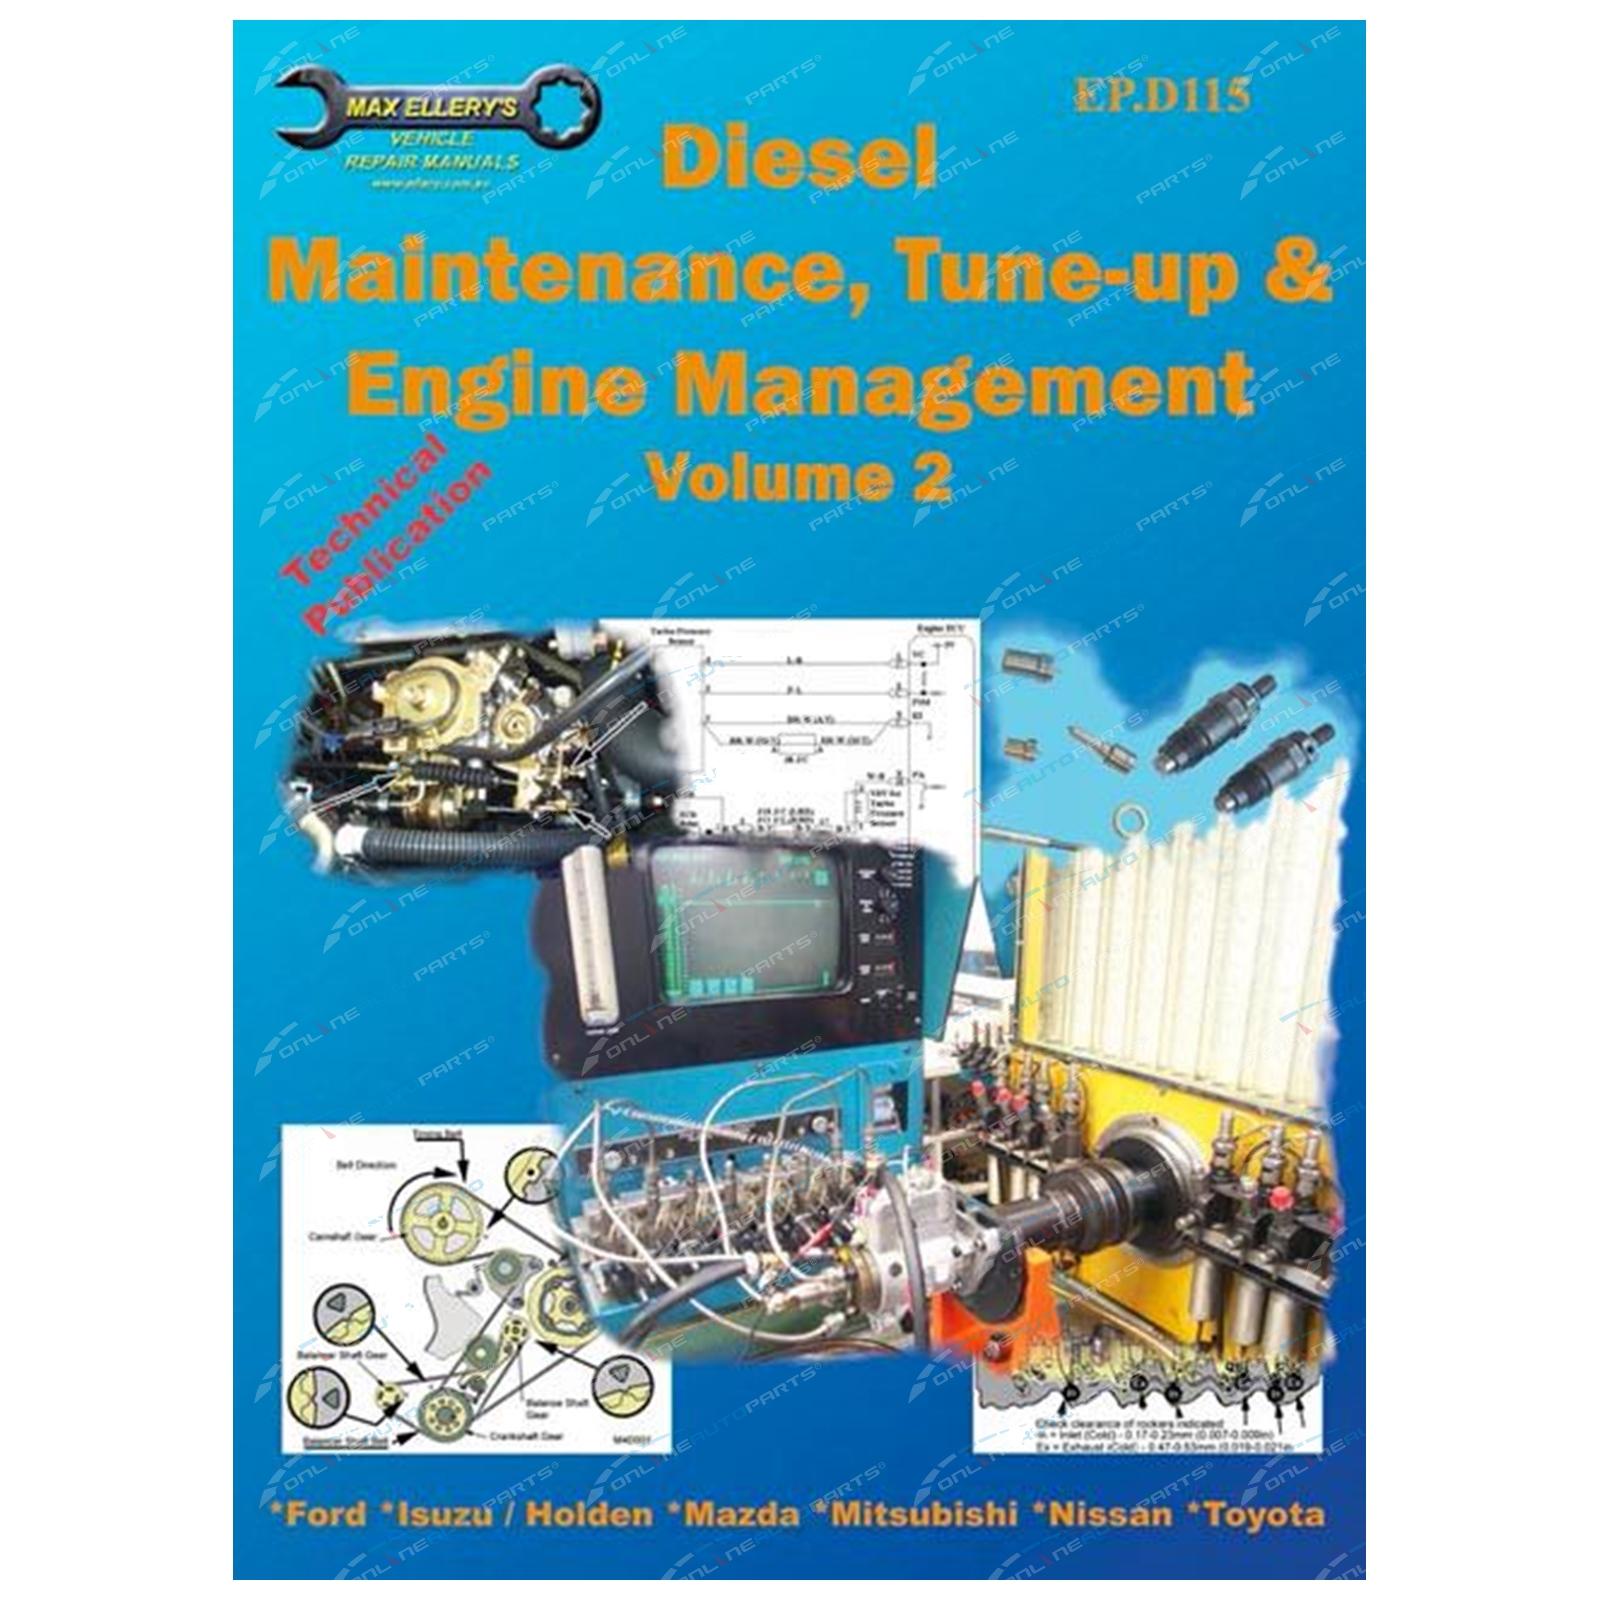 Max Ellery - Diesel Engines Vol 2 Book Max Ellery